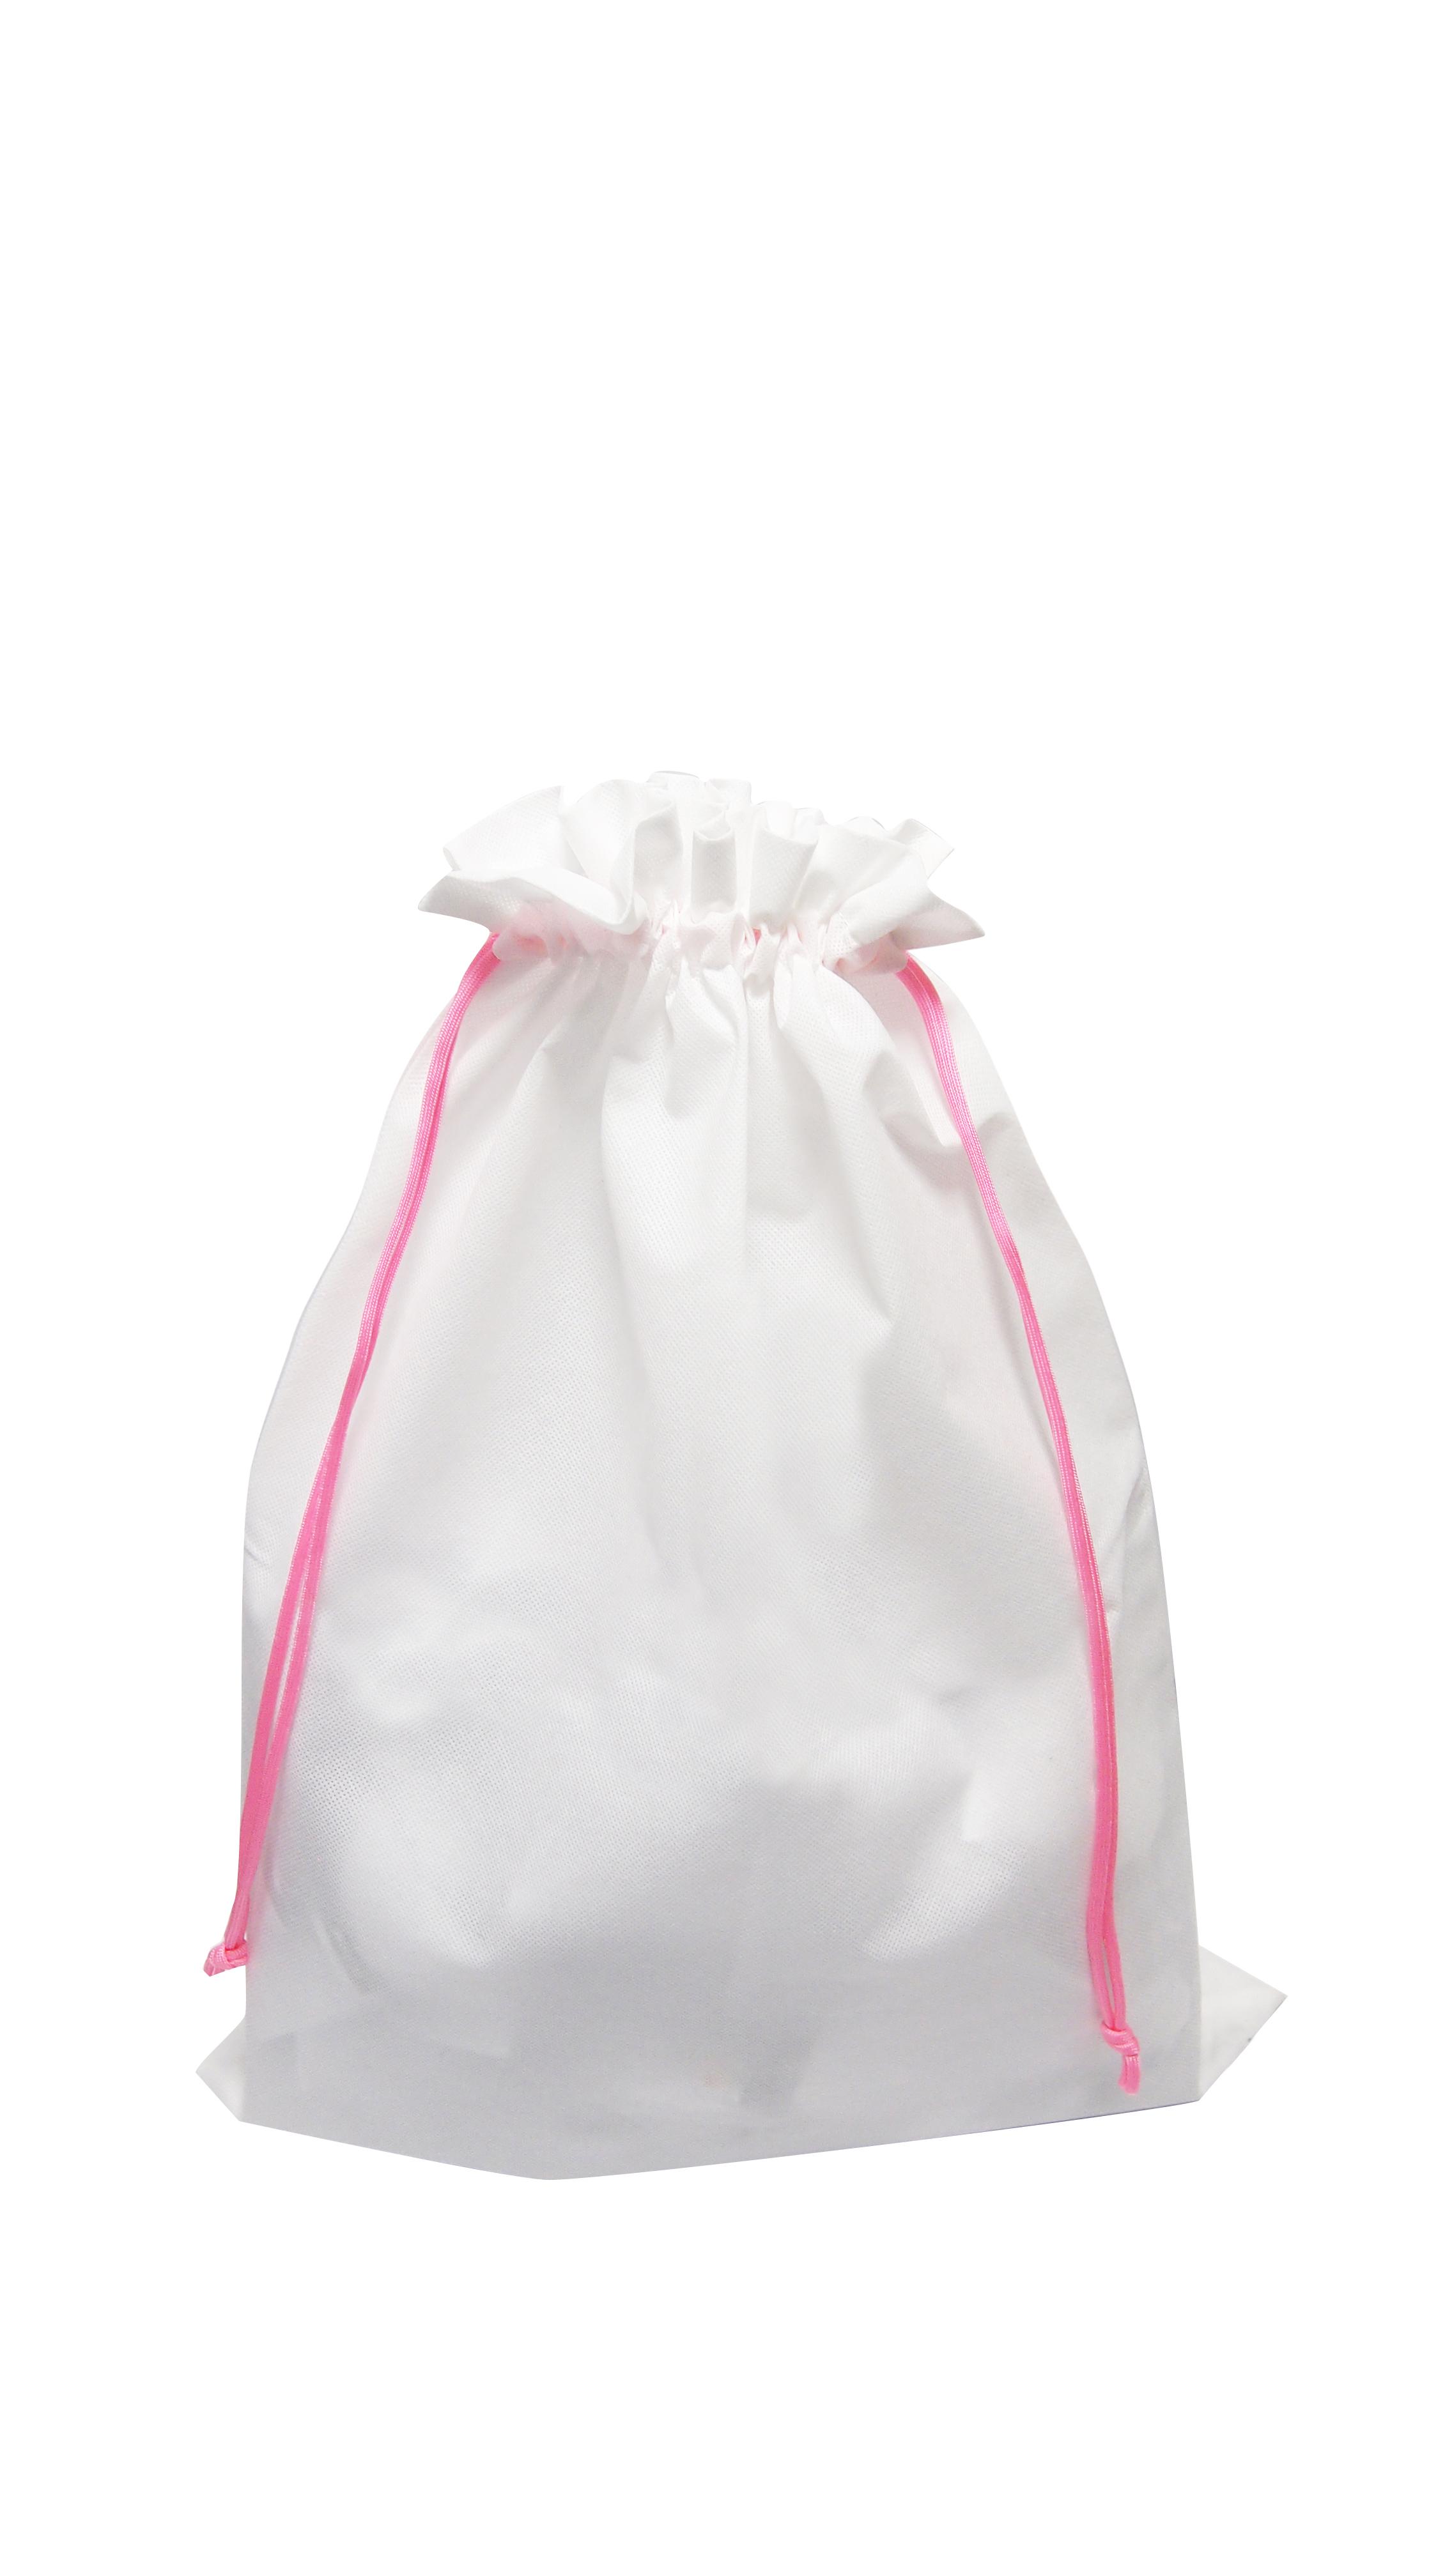 商品梱包用のかわいい巾着袋